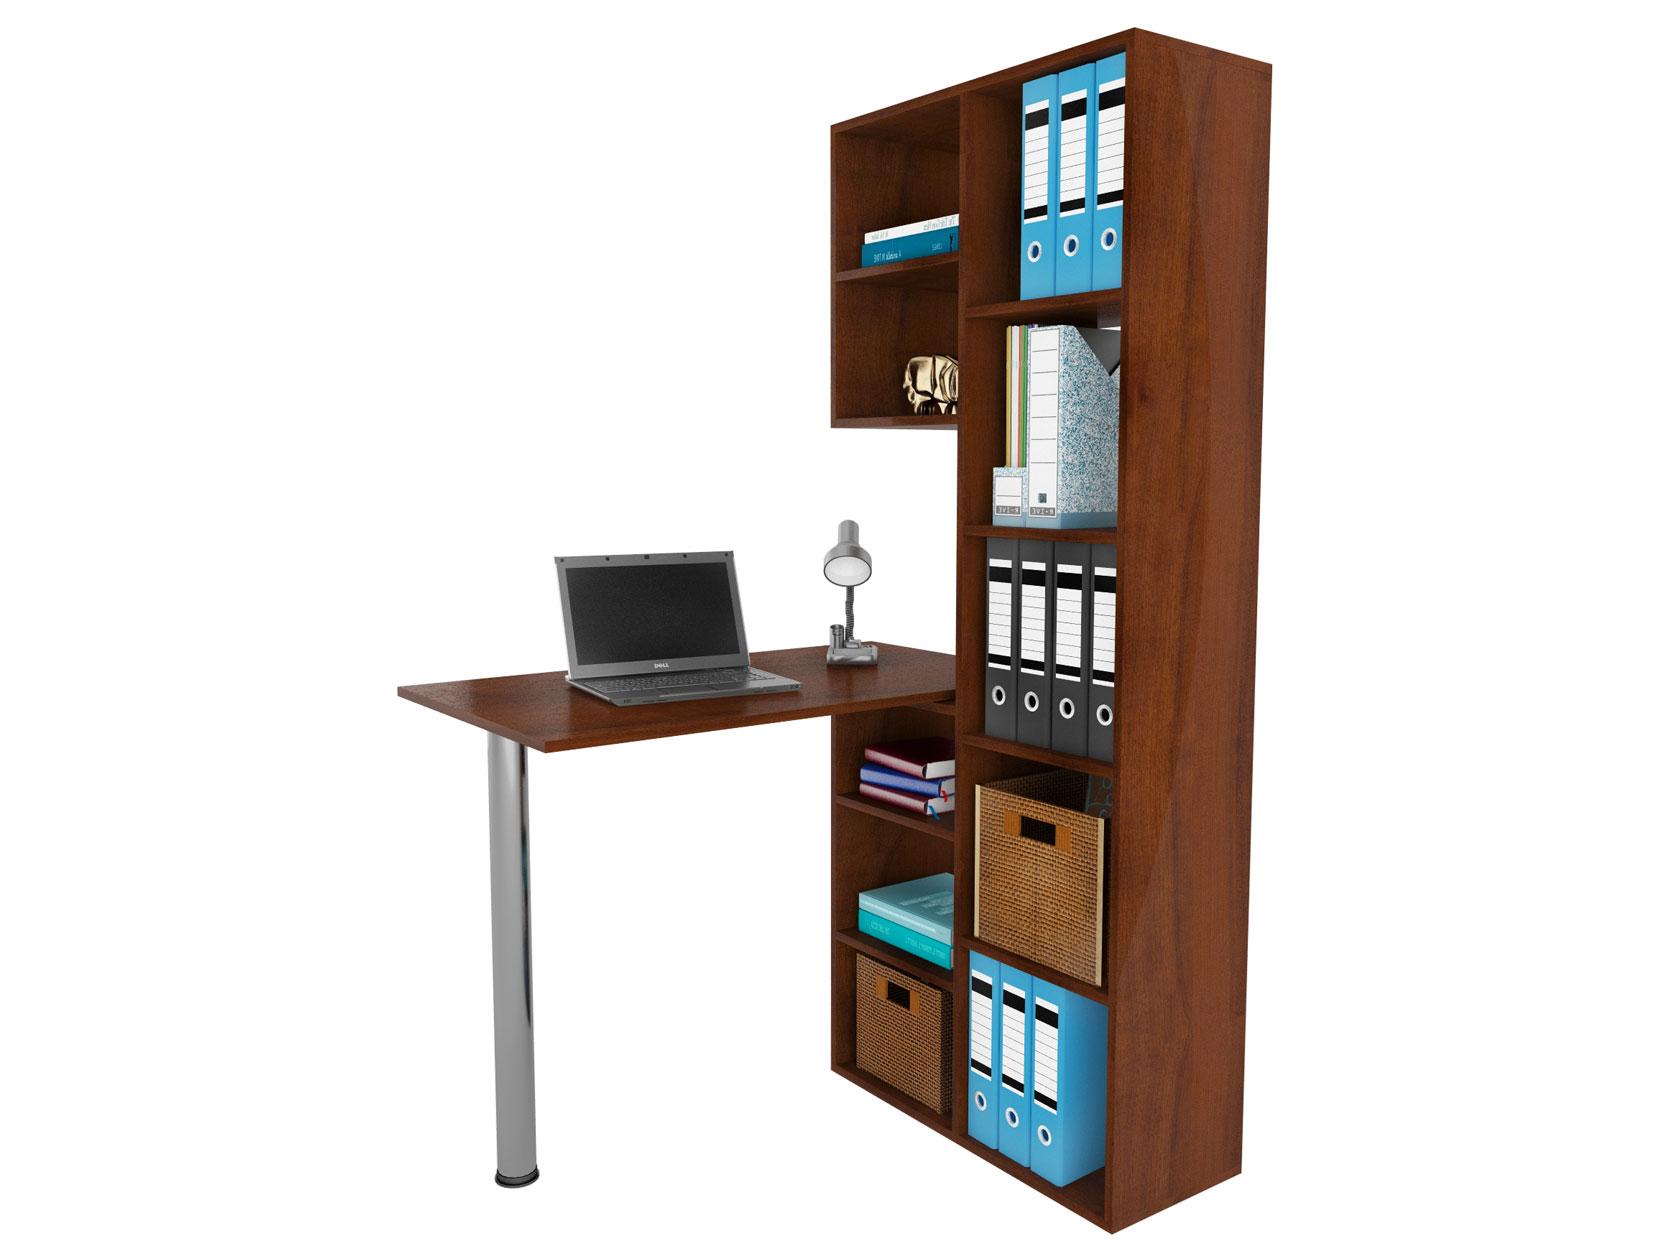 Компьютерный стол в комплекте МФ Мастер Рикс-2+Рикс-6 110x97,8x171,6, орех итальянский